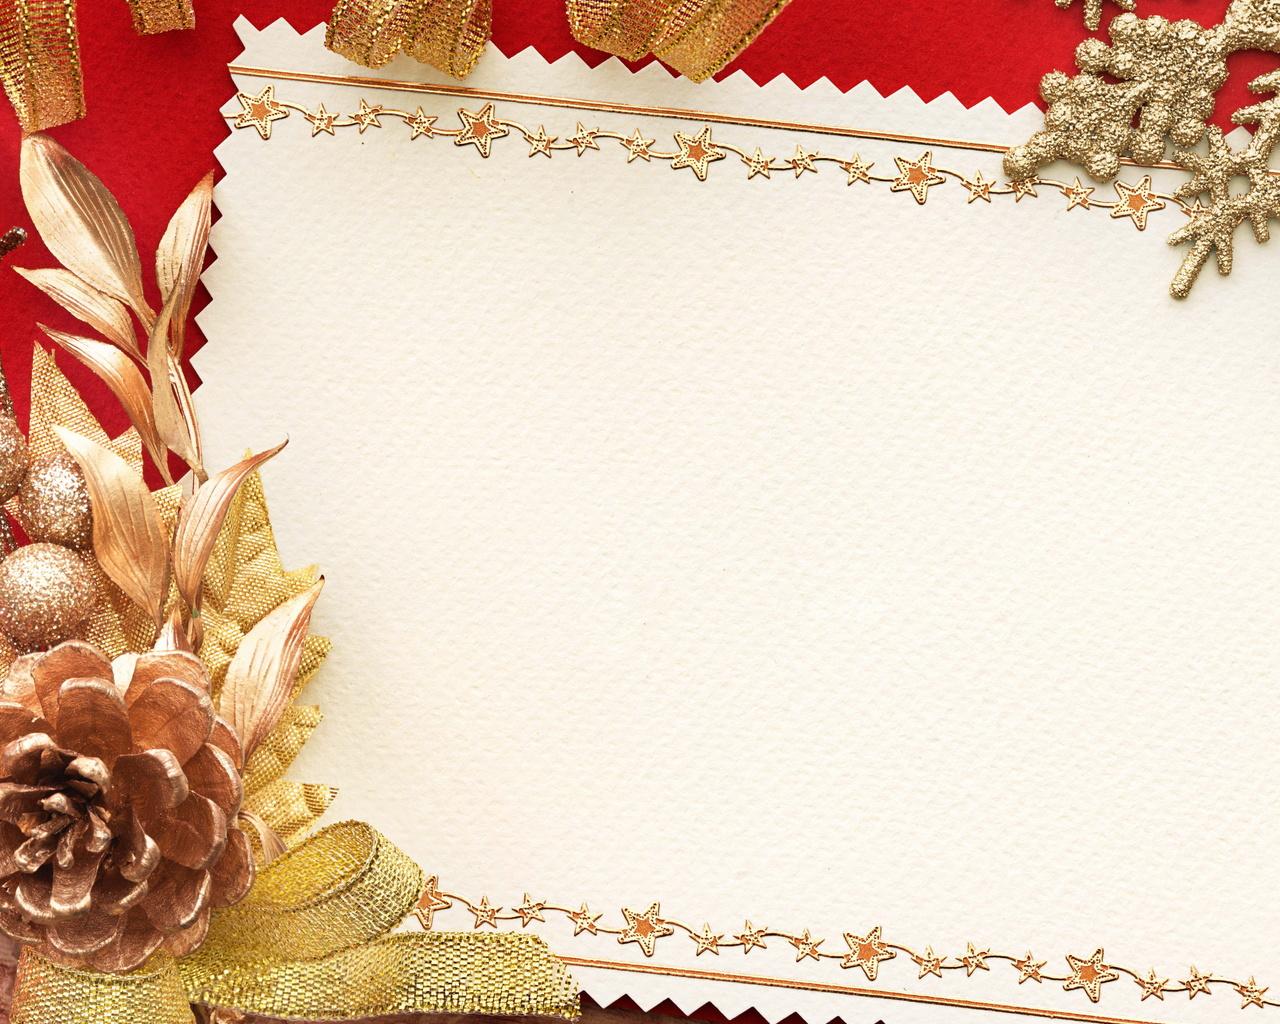 Открытки цветов, пустые картинки новый год